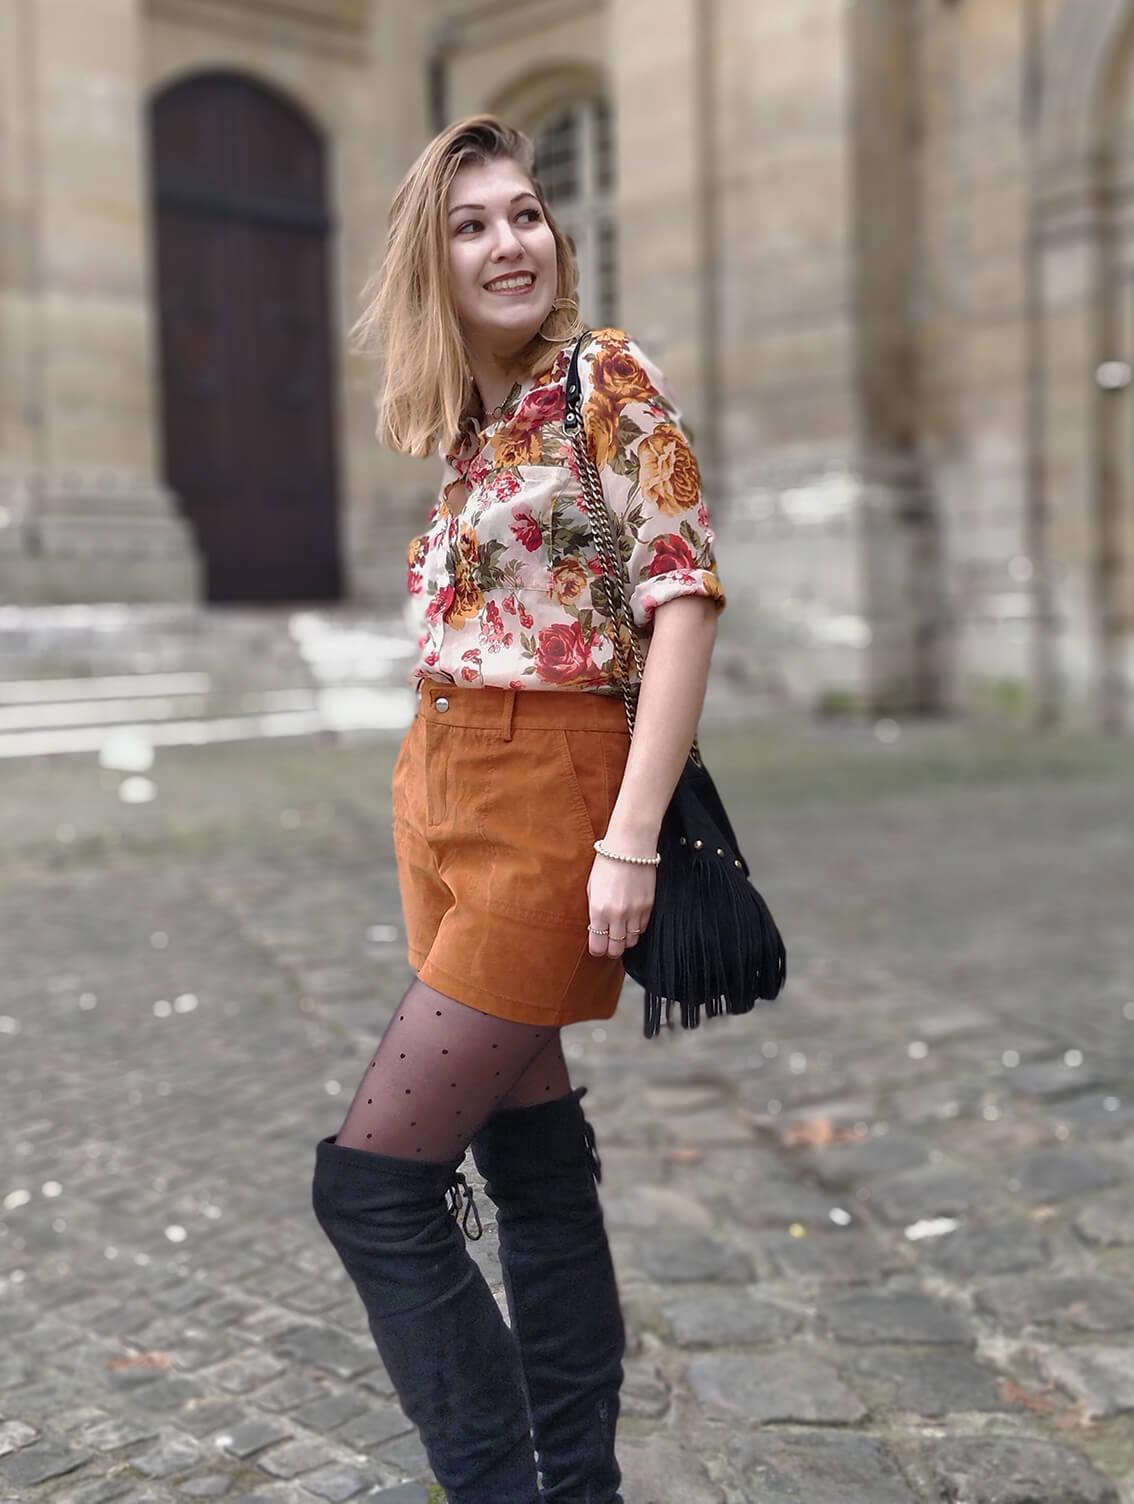 tenue hiver blog 19 janvier chemise fleurs - L'amour des shorts en hiver